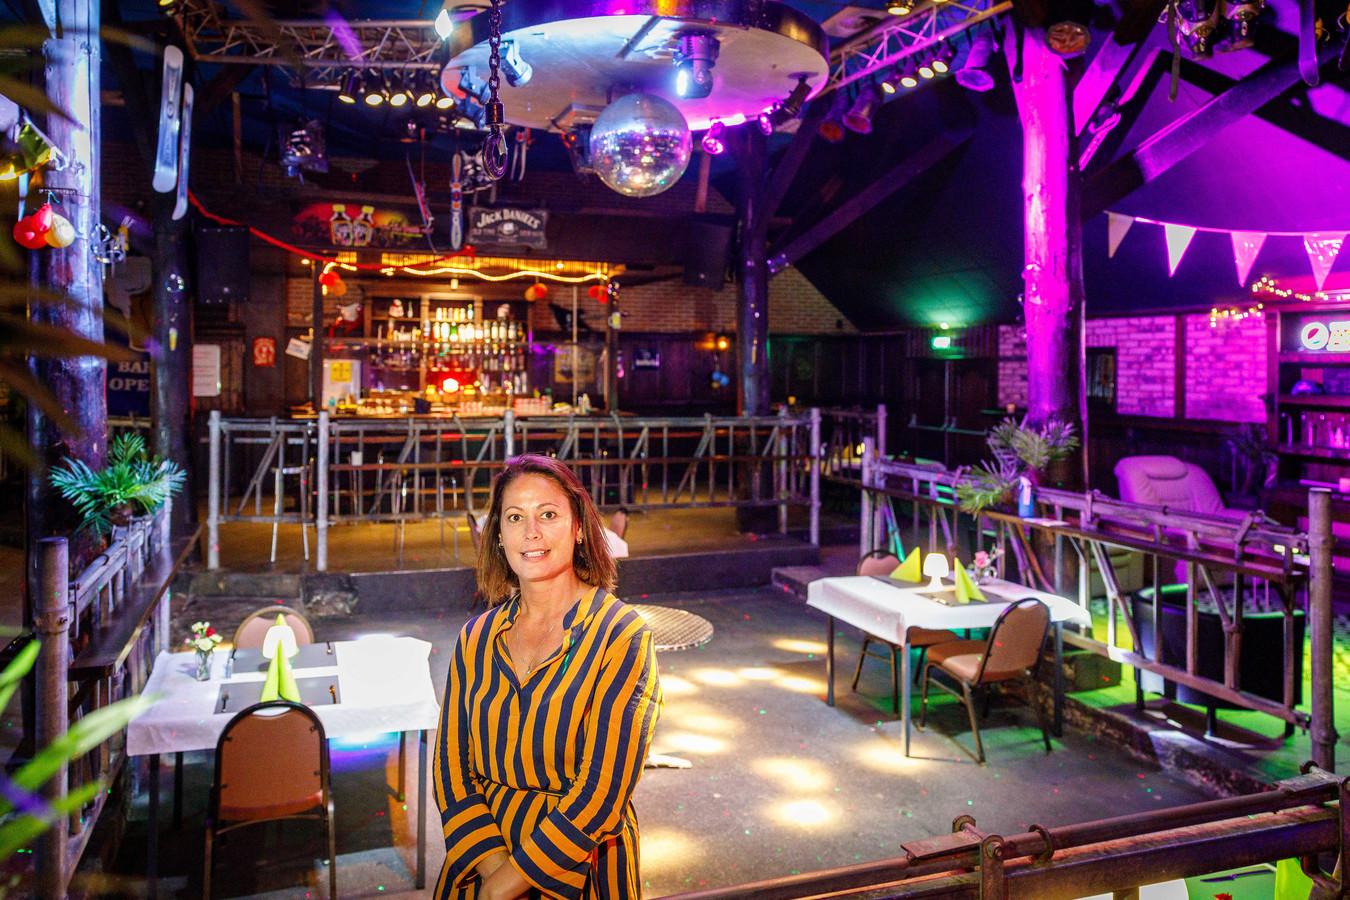 Eigenaresse Dewy de Hoop moet de deuren van discotheek Smithy's Palace in Eesveen sluiten, omdat het niet meer rendabel is om open te blijven.